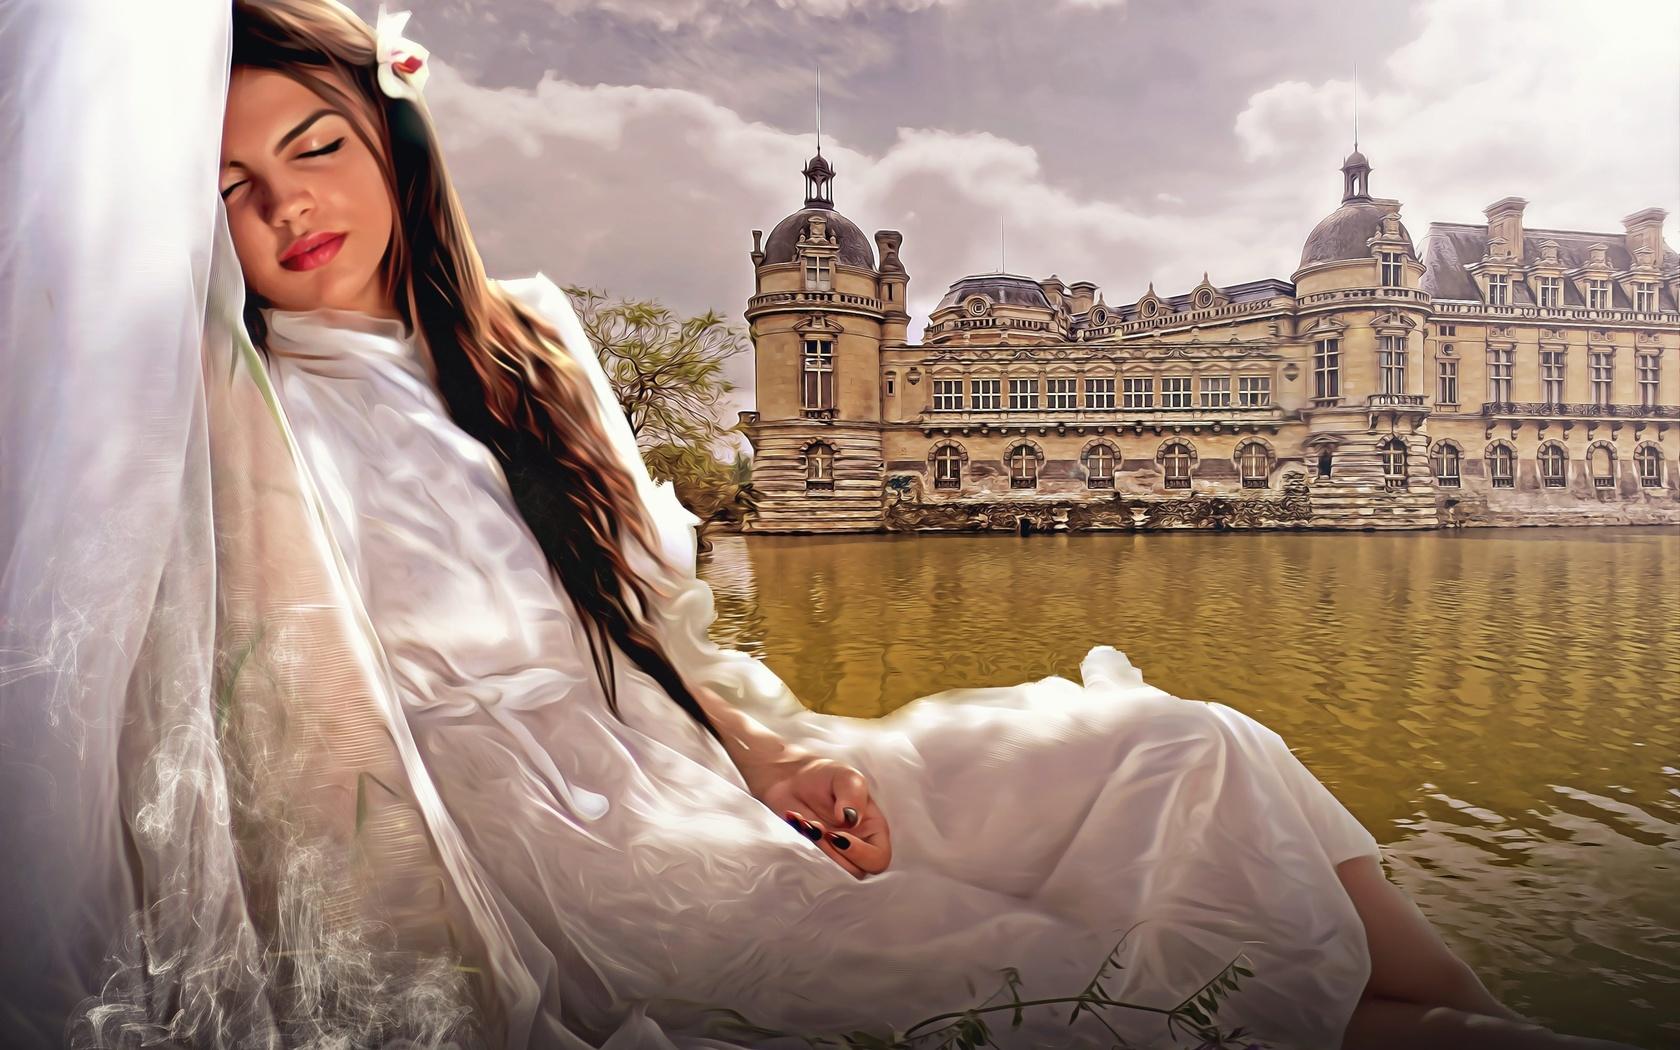 девушка, сон, вода, замок, композиция, 3d